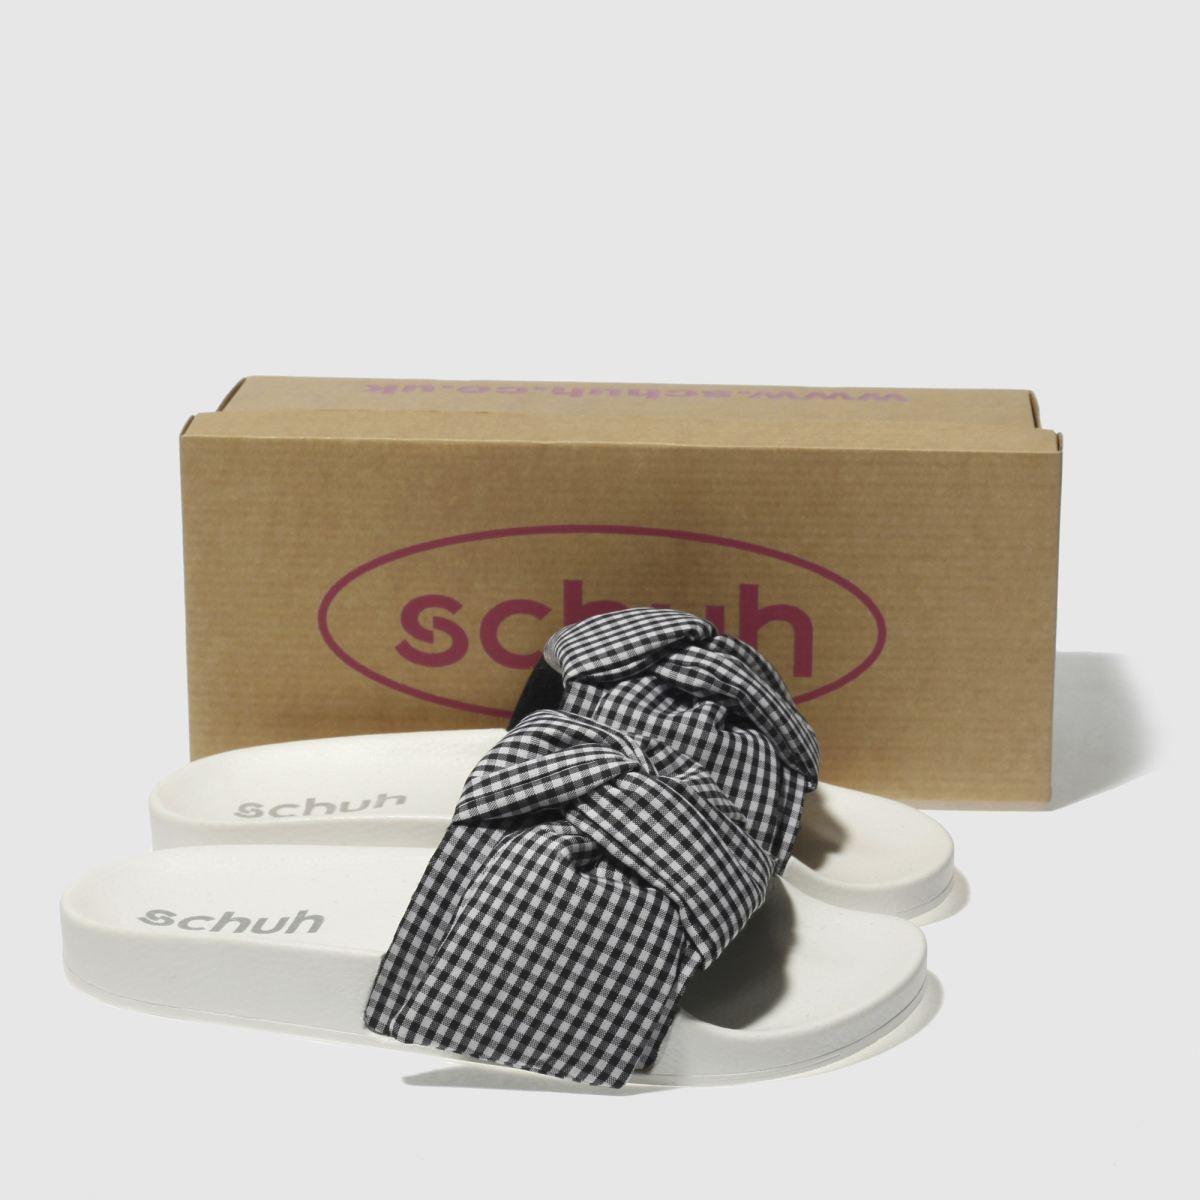 Damen Schwarz-weiß schuh Bestie Slider Sandalen   Schuhe schuh Gute Qualität beliebte Schuhe   b13537